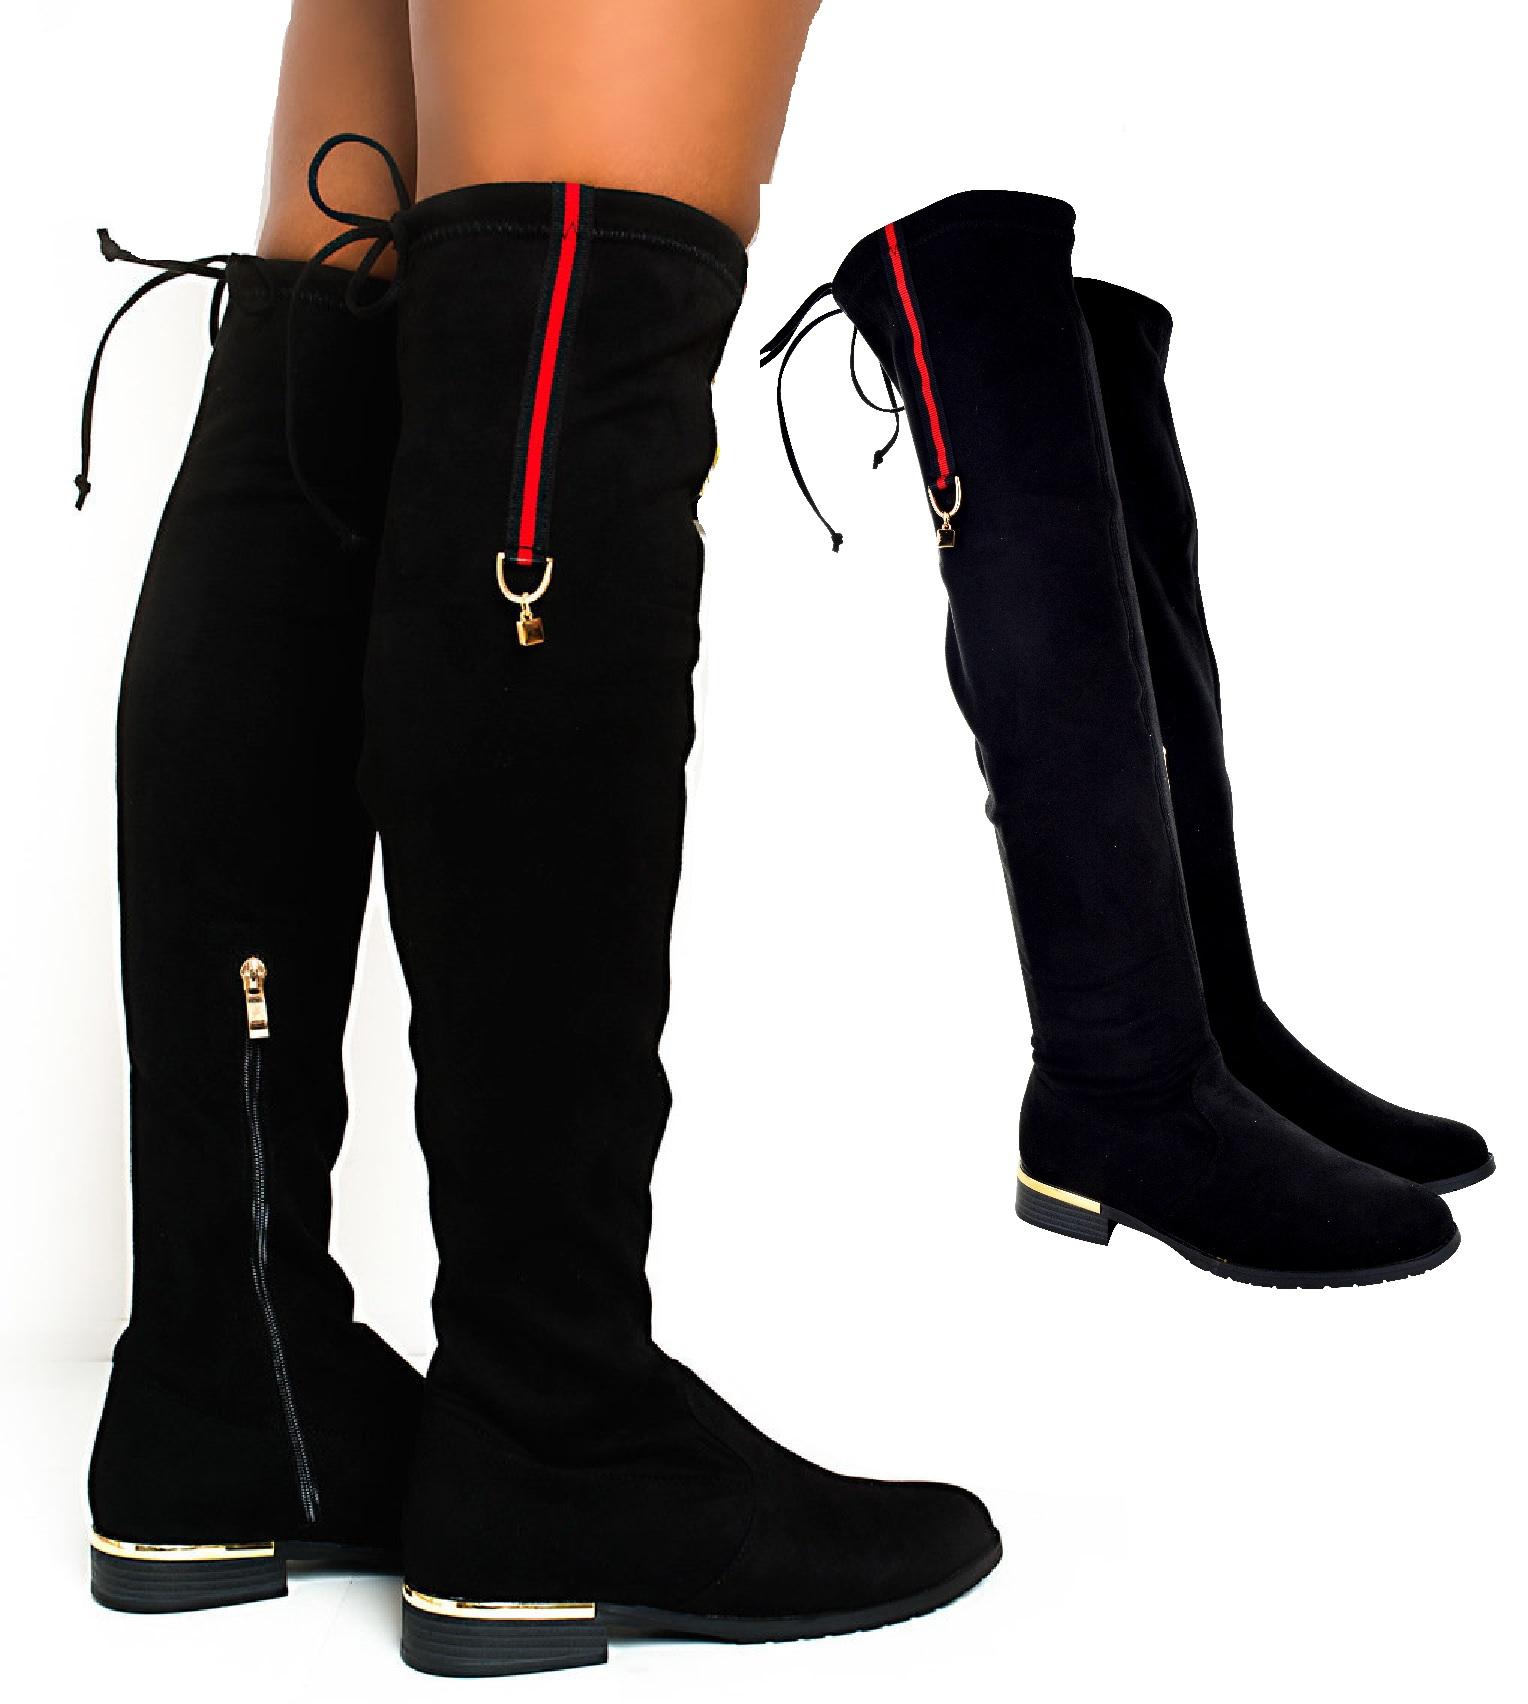 Pour Femme Avec Fermeture Éclair Top Bas Talon Plat Haute cuisse stretch bottes cuissardes taille